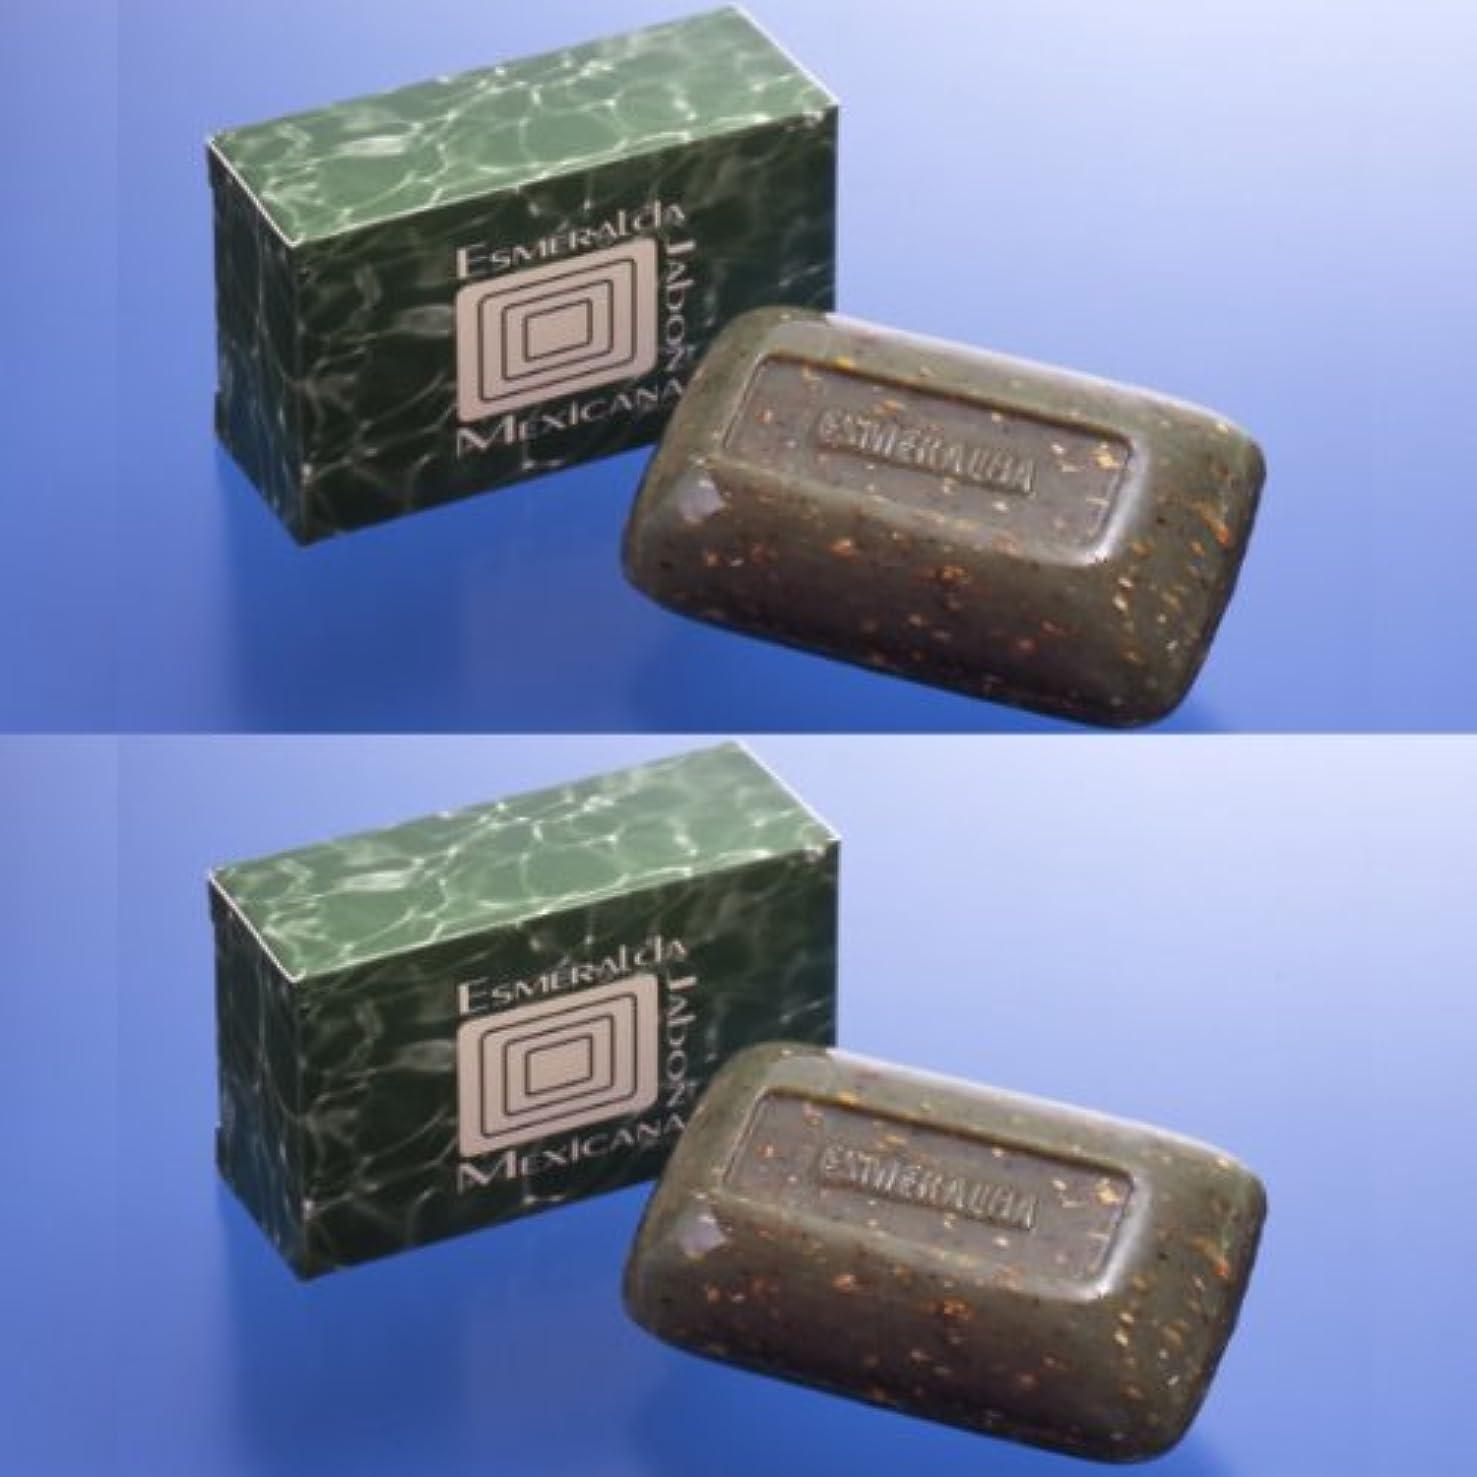 葉巻モンク著者メキシコで大人気のシミ取り石鹸『エスメラルダ?ハボン?メキシカーナ2個組』